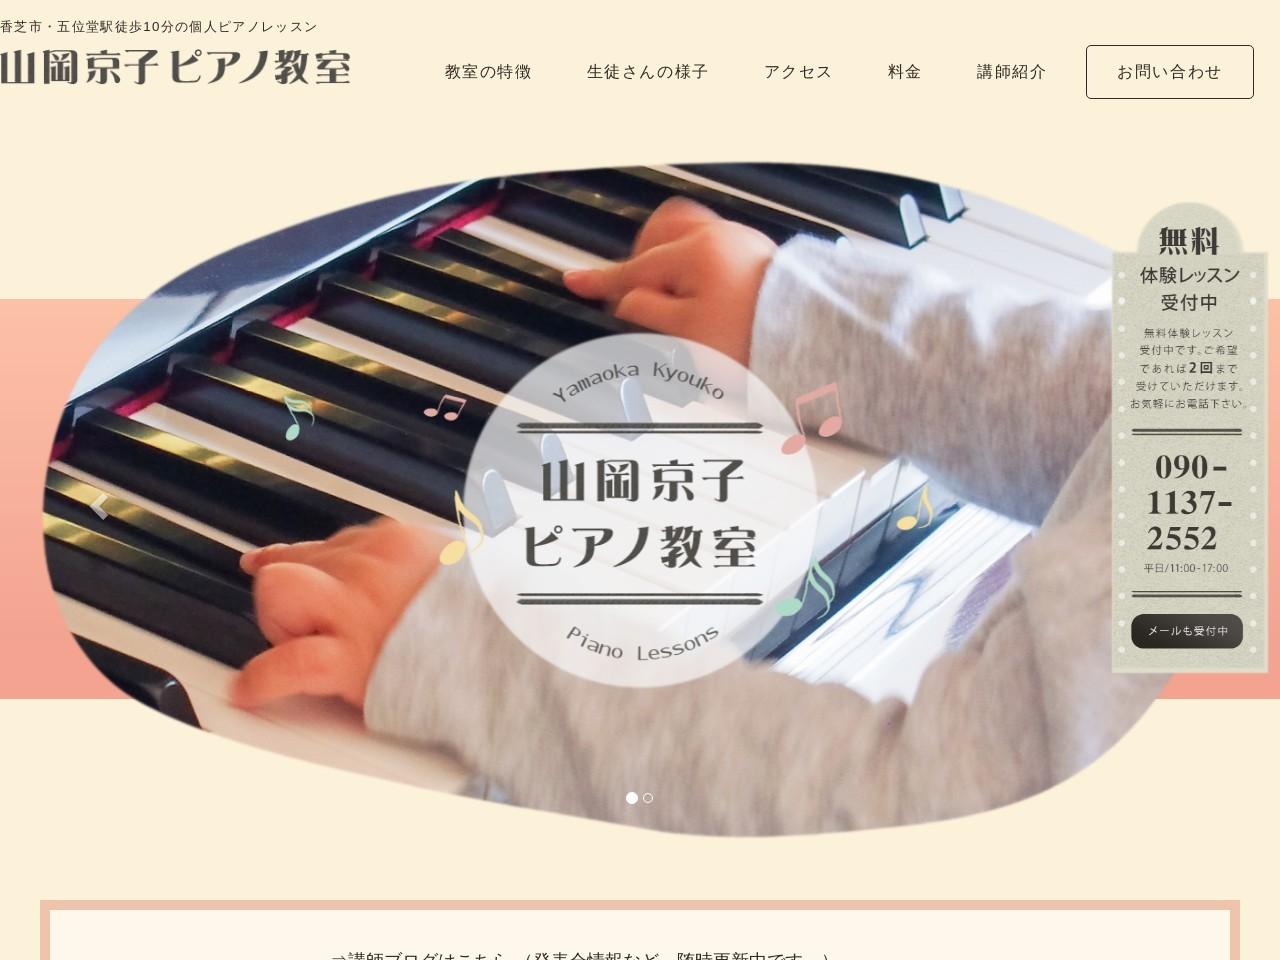 山岡京子ピアノ教室のサムネイル